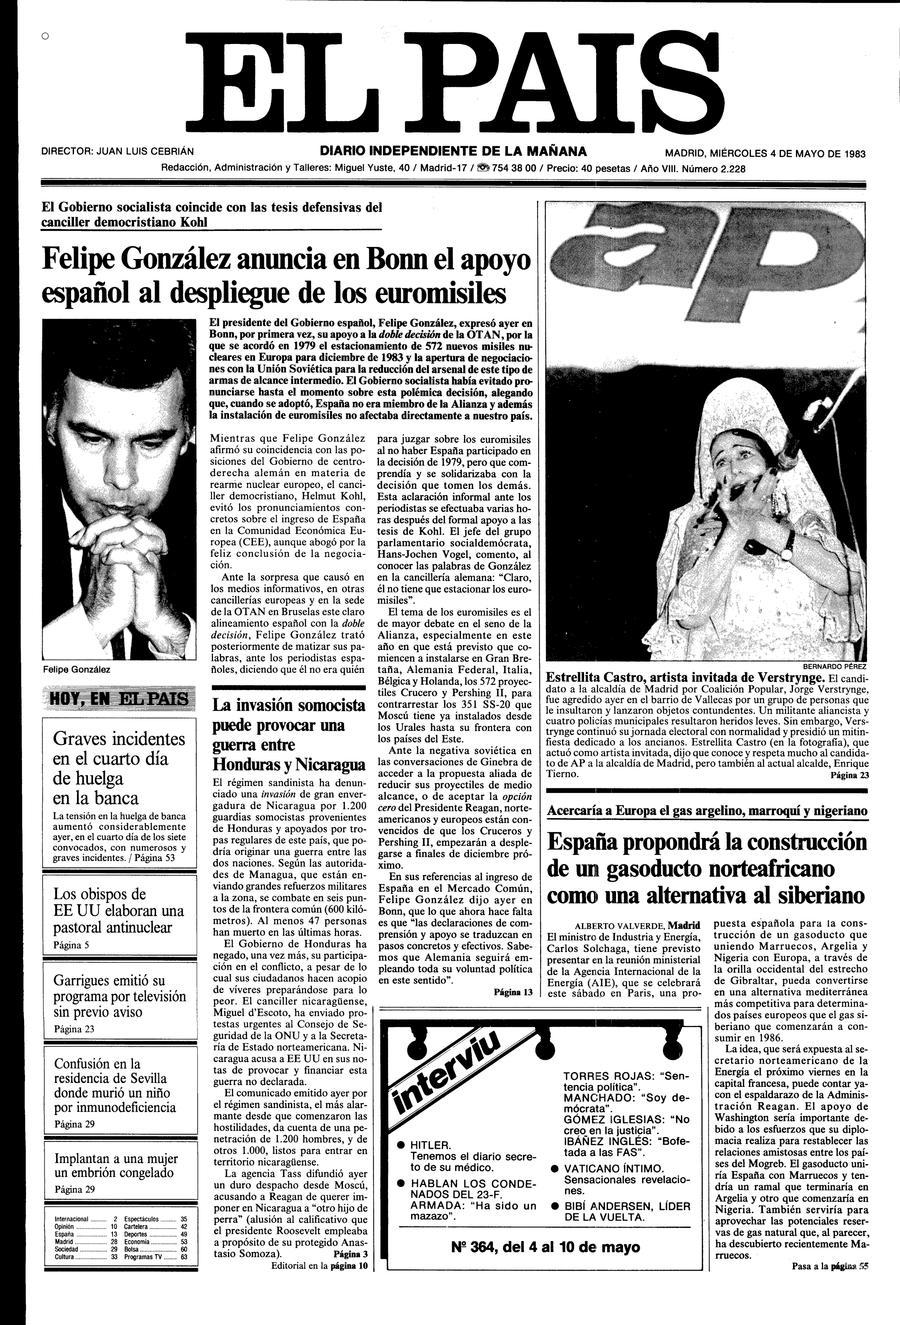 4 de Mayo de 1983